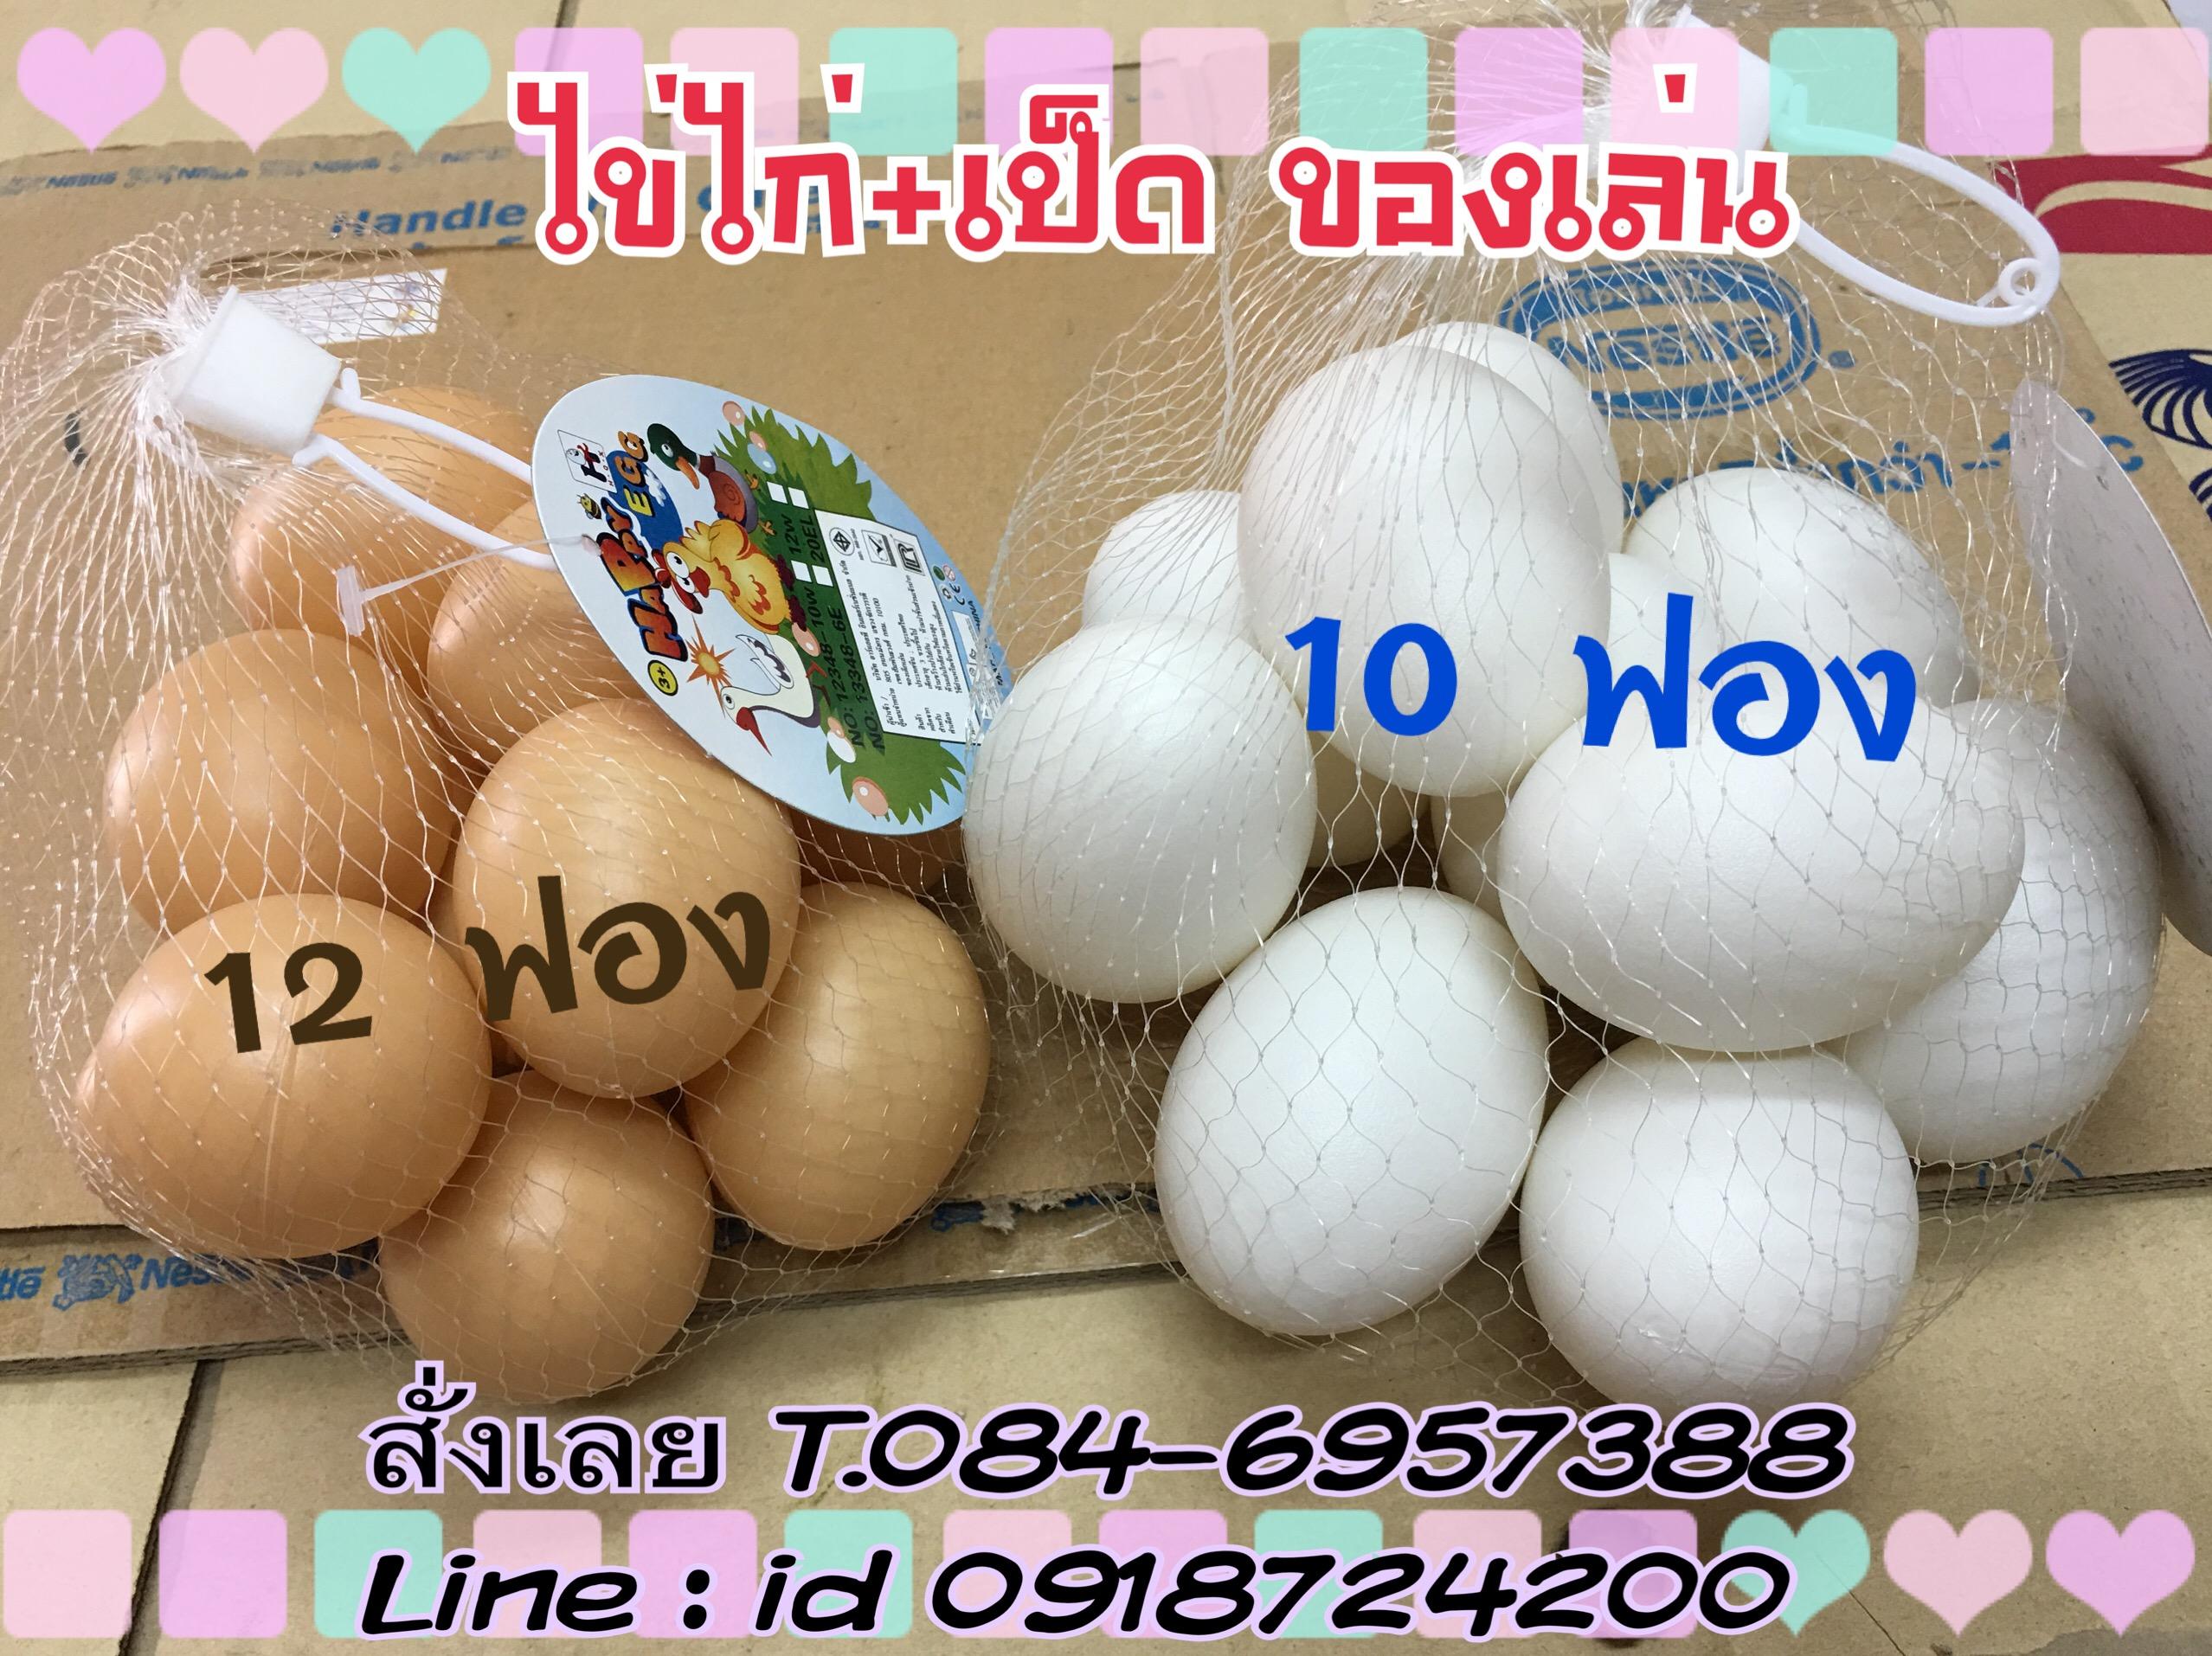 ชุดไข่ไก่+ไข่เป็ด เพื่อการศึกษา ชุดไข่เพื่อการเรียนรู้ของเด็ก ๆ